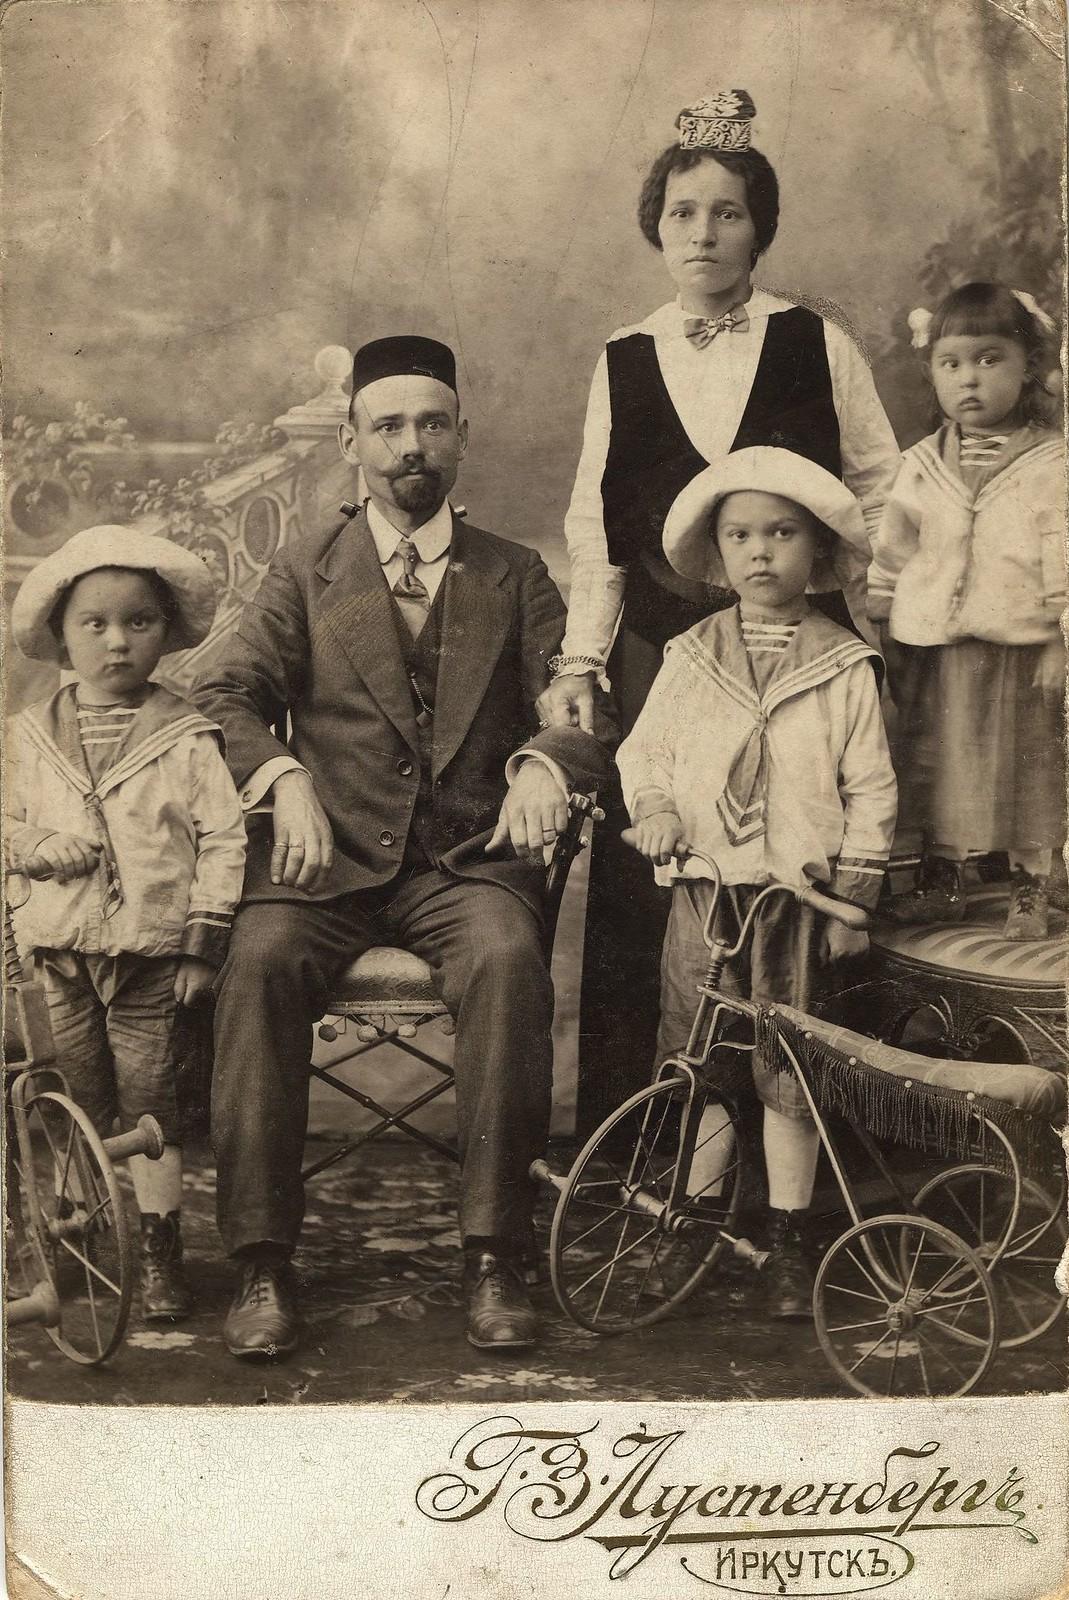 Татарская семья служащего конторы иркутских купцов Шафигулиных Г.М.Муратова - жена Фаизой и дети Анвар Бек, Ха